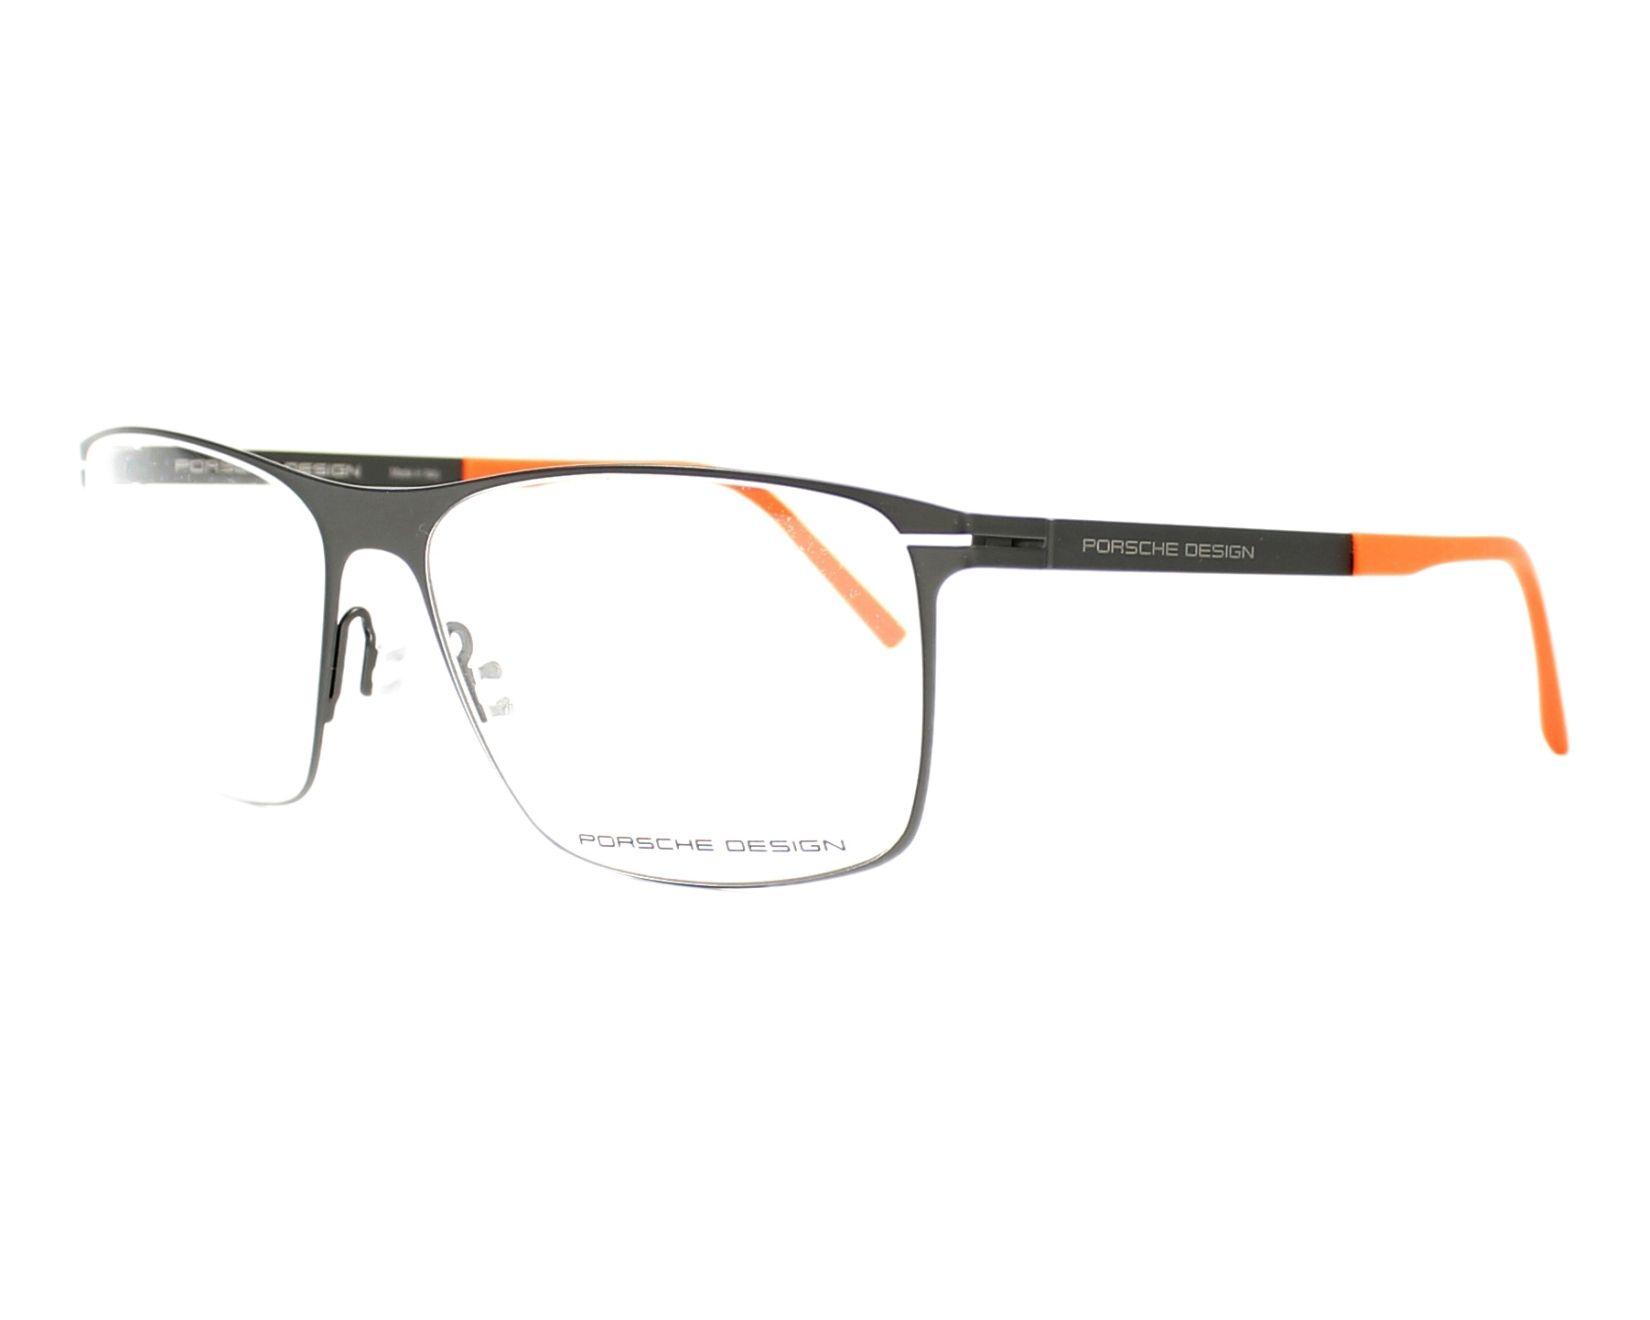 668b31fb926 Porsche Design - Buy Porsche Design eyeglasses online at low prices